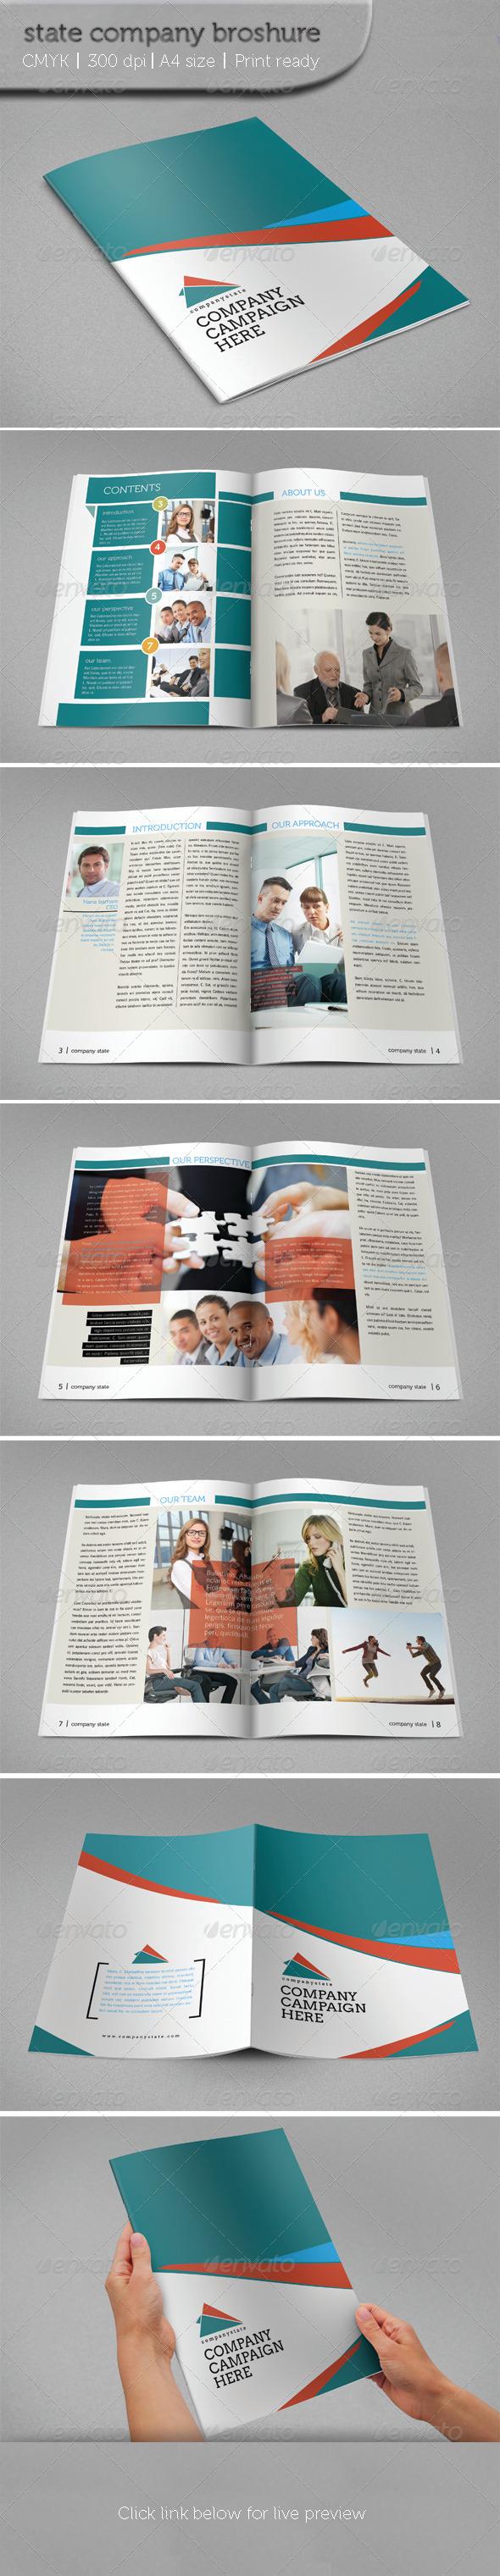 GraphicRiver State Company Brochure 5942921